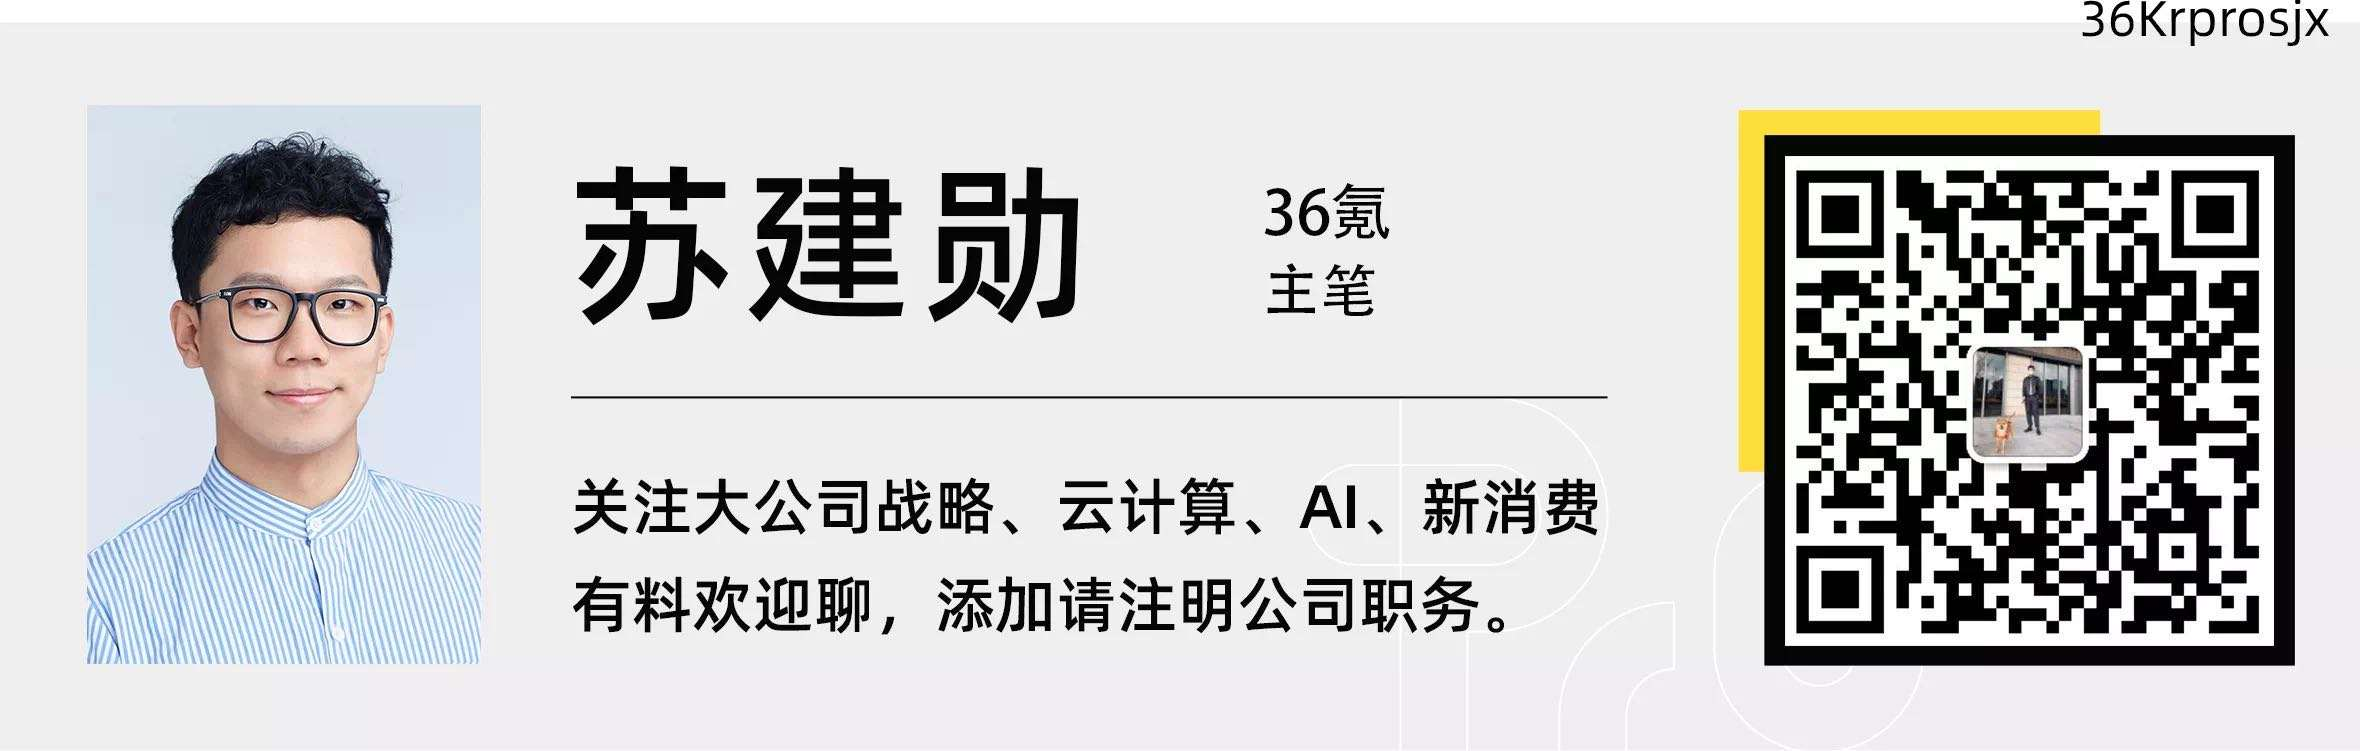 36氪独家|小冰公司完成A轮融资,高瓴领投,发布新一代语音技术